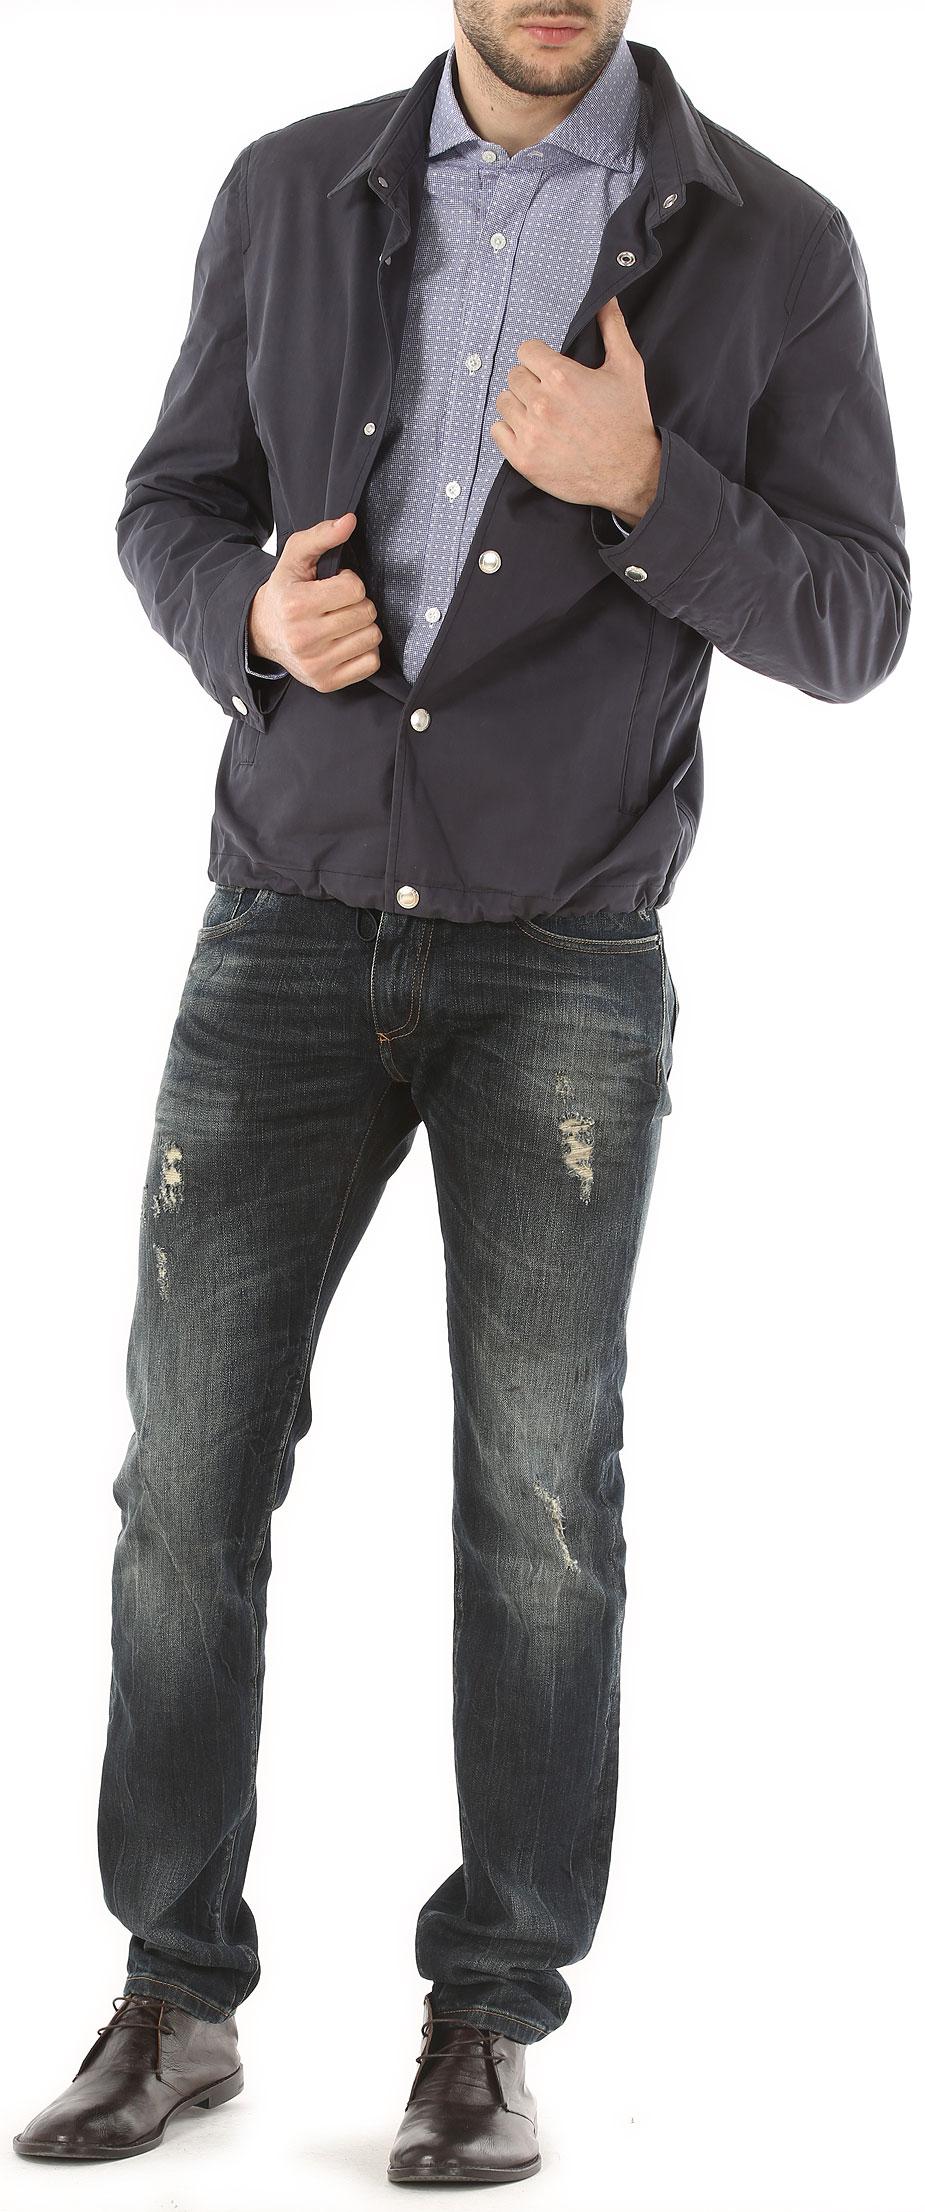 Abbigliamento 4256805 Brunello Uomo Articolo Codice A36 Abbigliamento Cucinelli Uomo c5174 Td1wfqPT